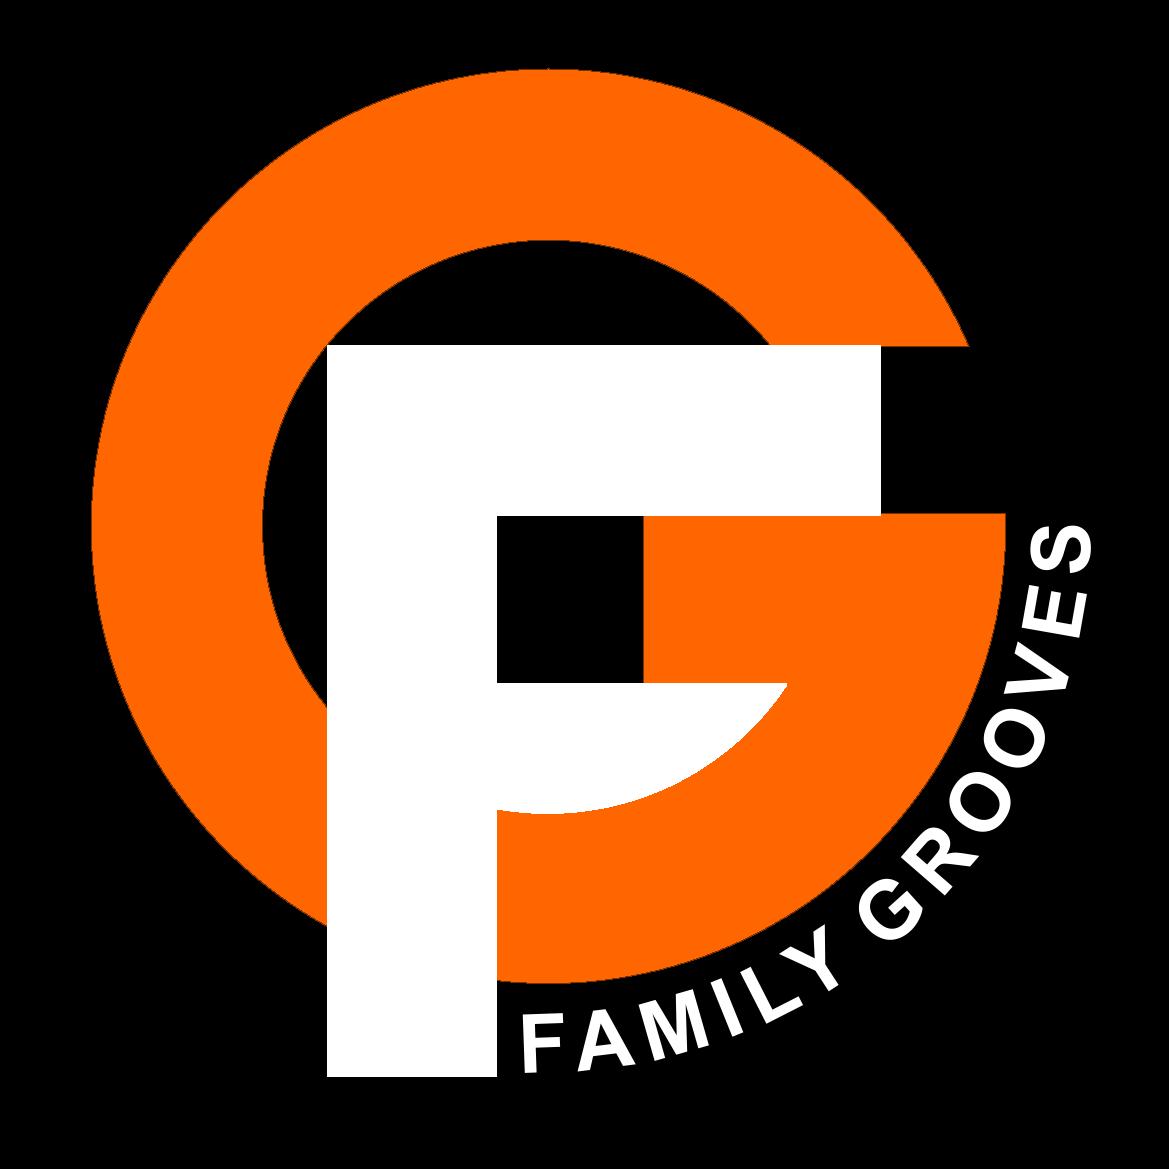 Family Grooves